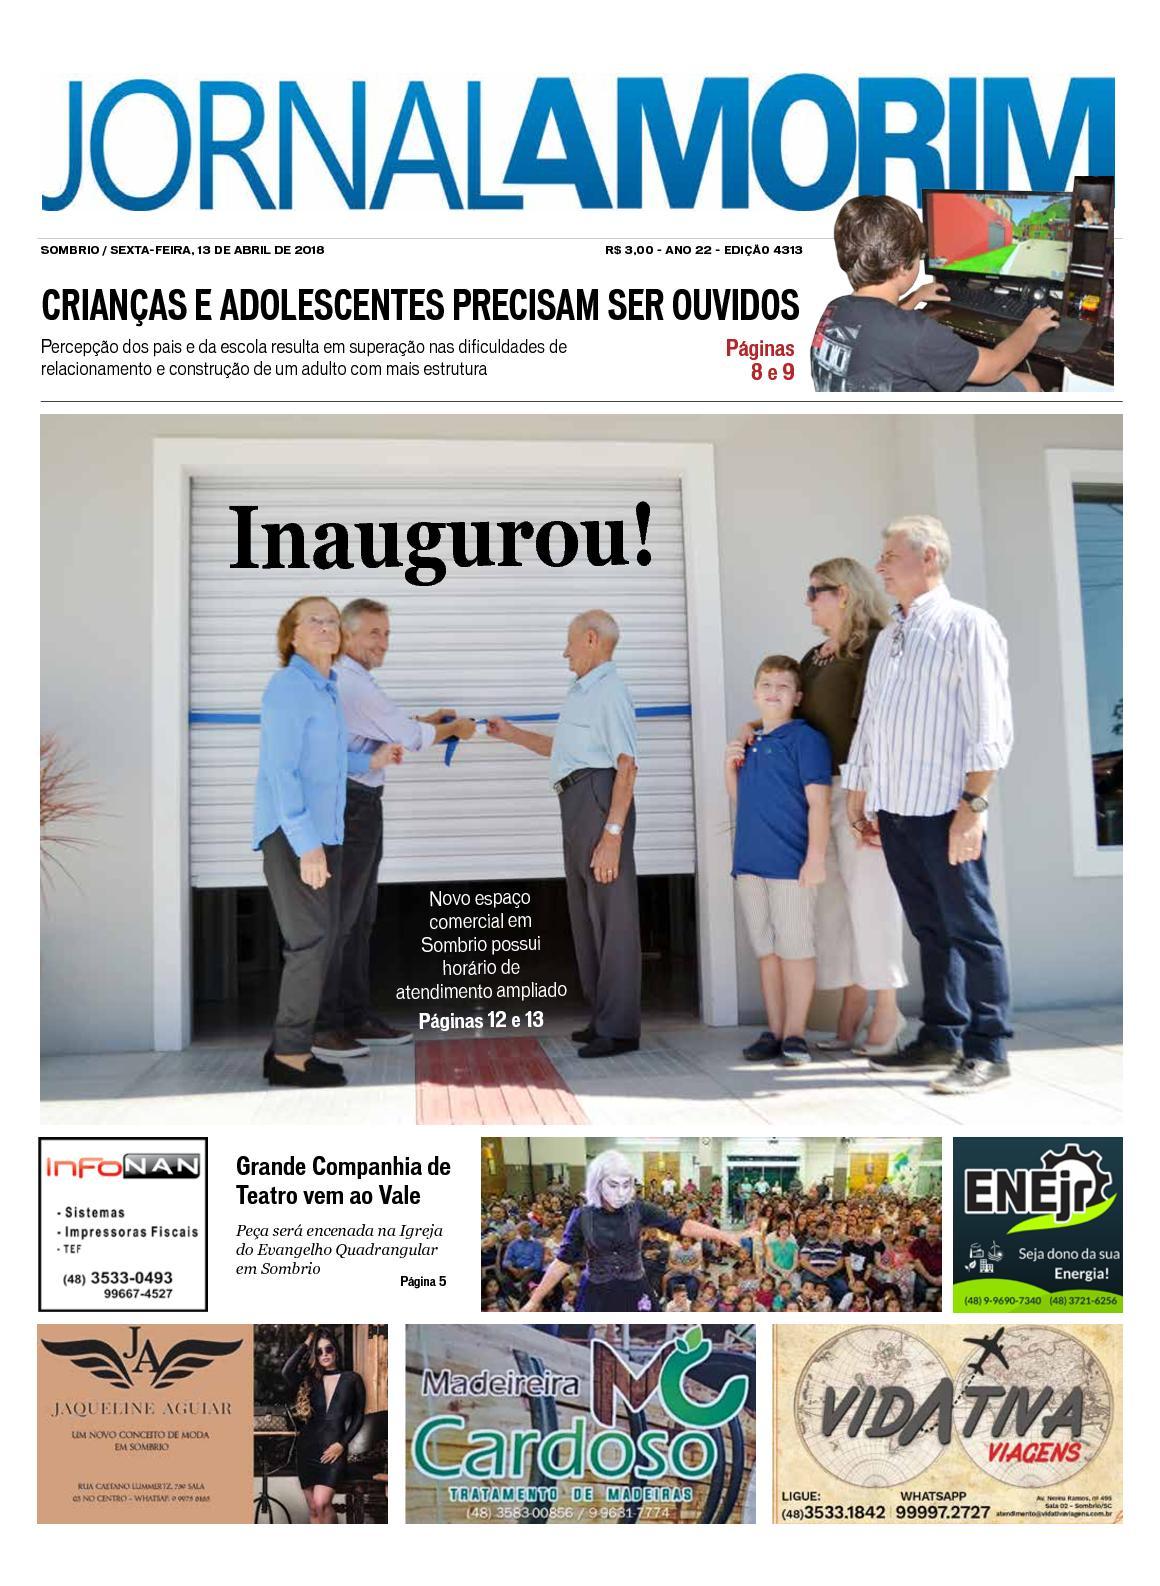 Jornal Amorim - 13-04-18